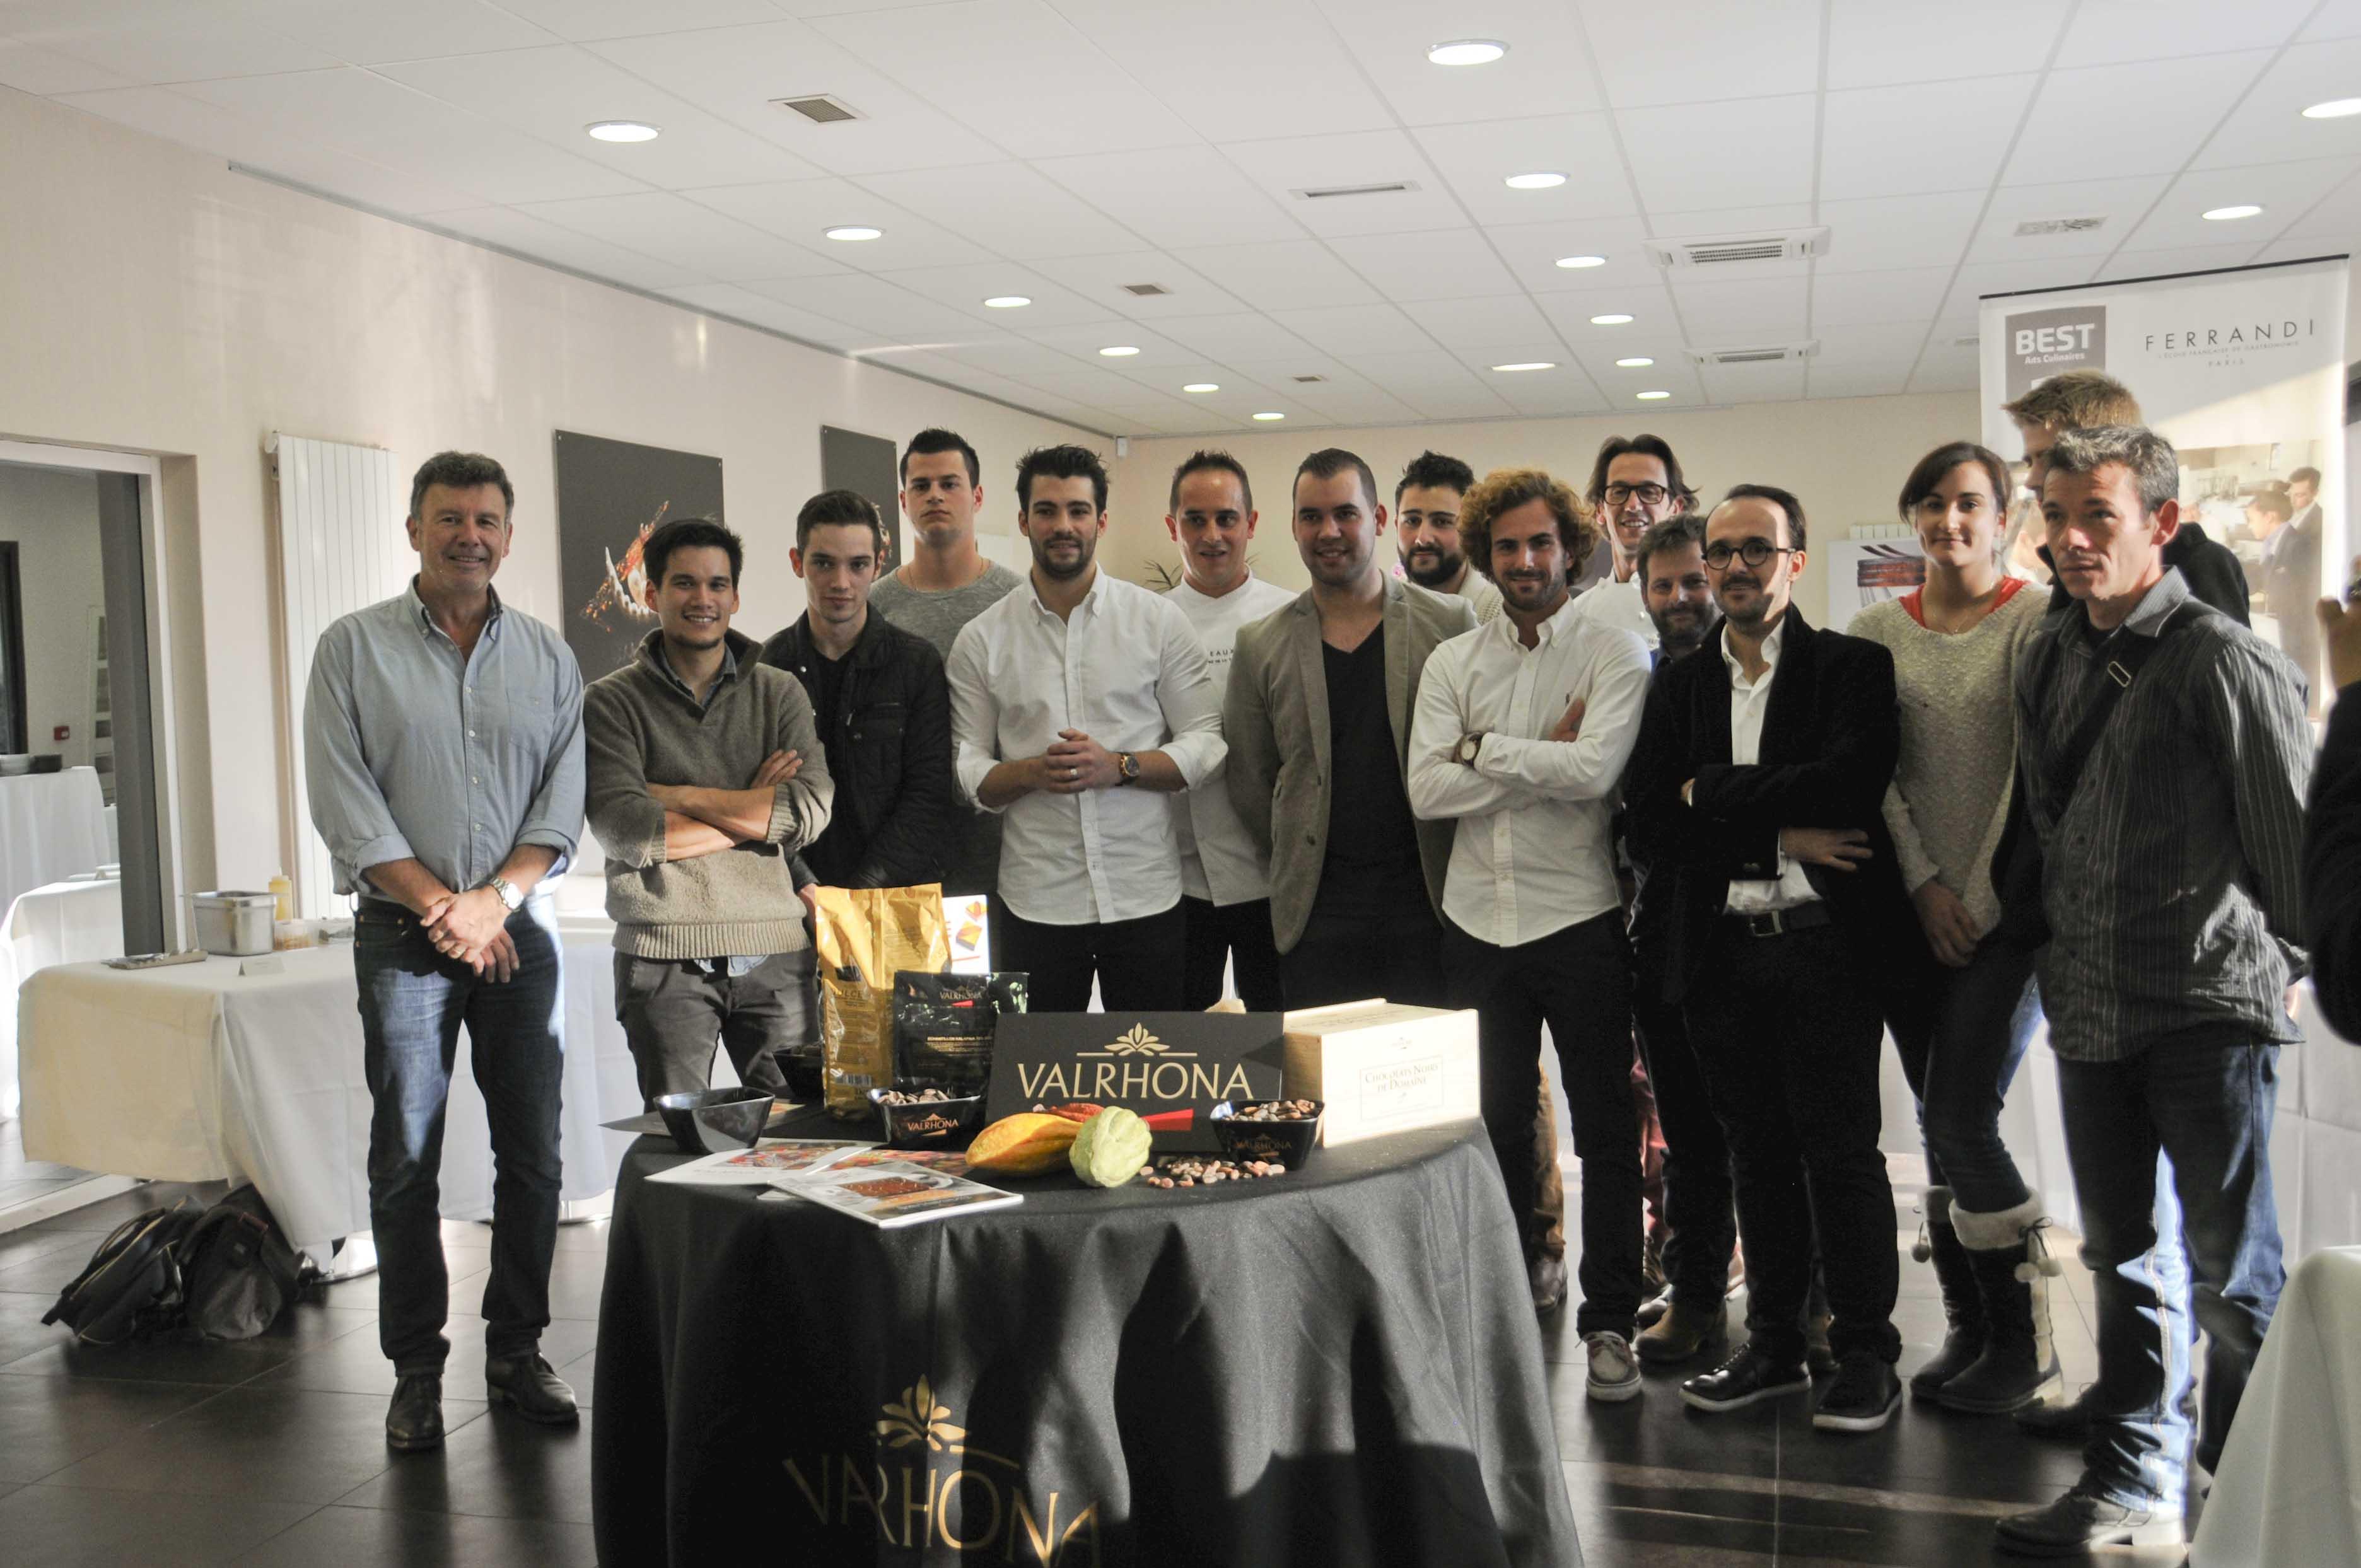 Les GLuKoSéS - Pâtissiers de Bordeaux